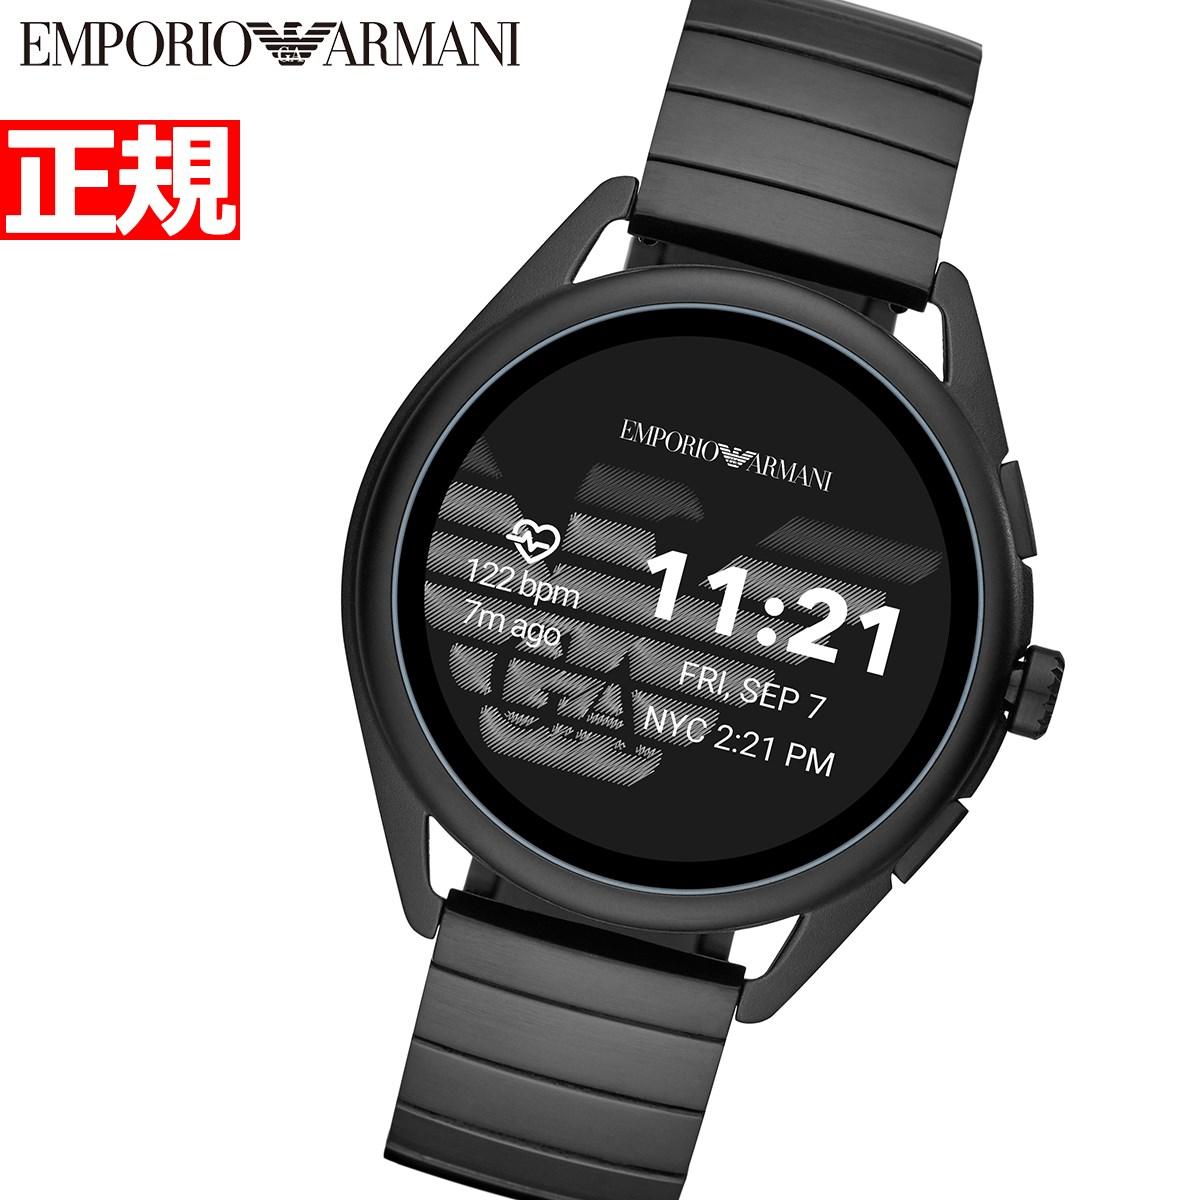 【本日限定!店内ポイント最大60倍&10%OFFクーポン!10日23時59分まで】エンポリオアルマーニ EMPORIO ARMANI コネクテッド スマートウォッチ ウェアラブル 腕時計 メンズ ART5020